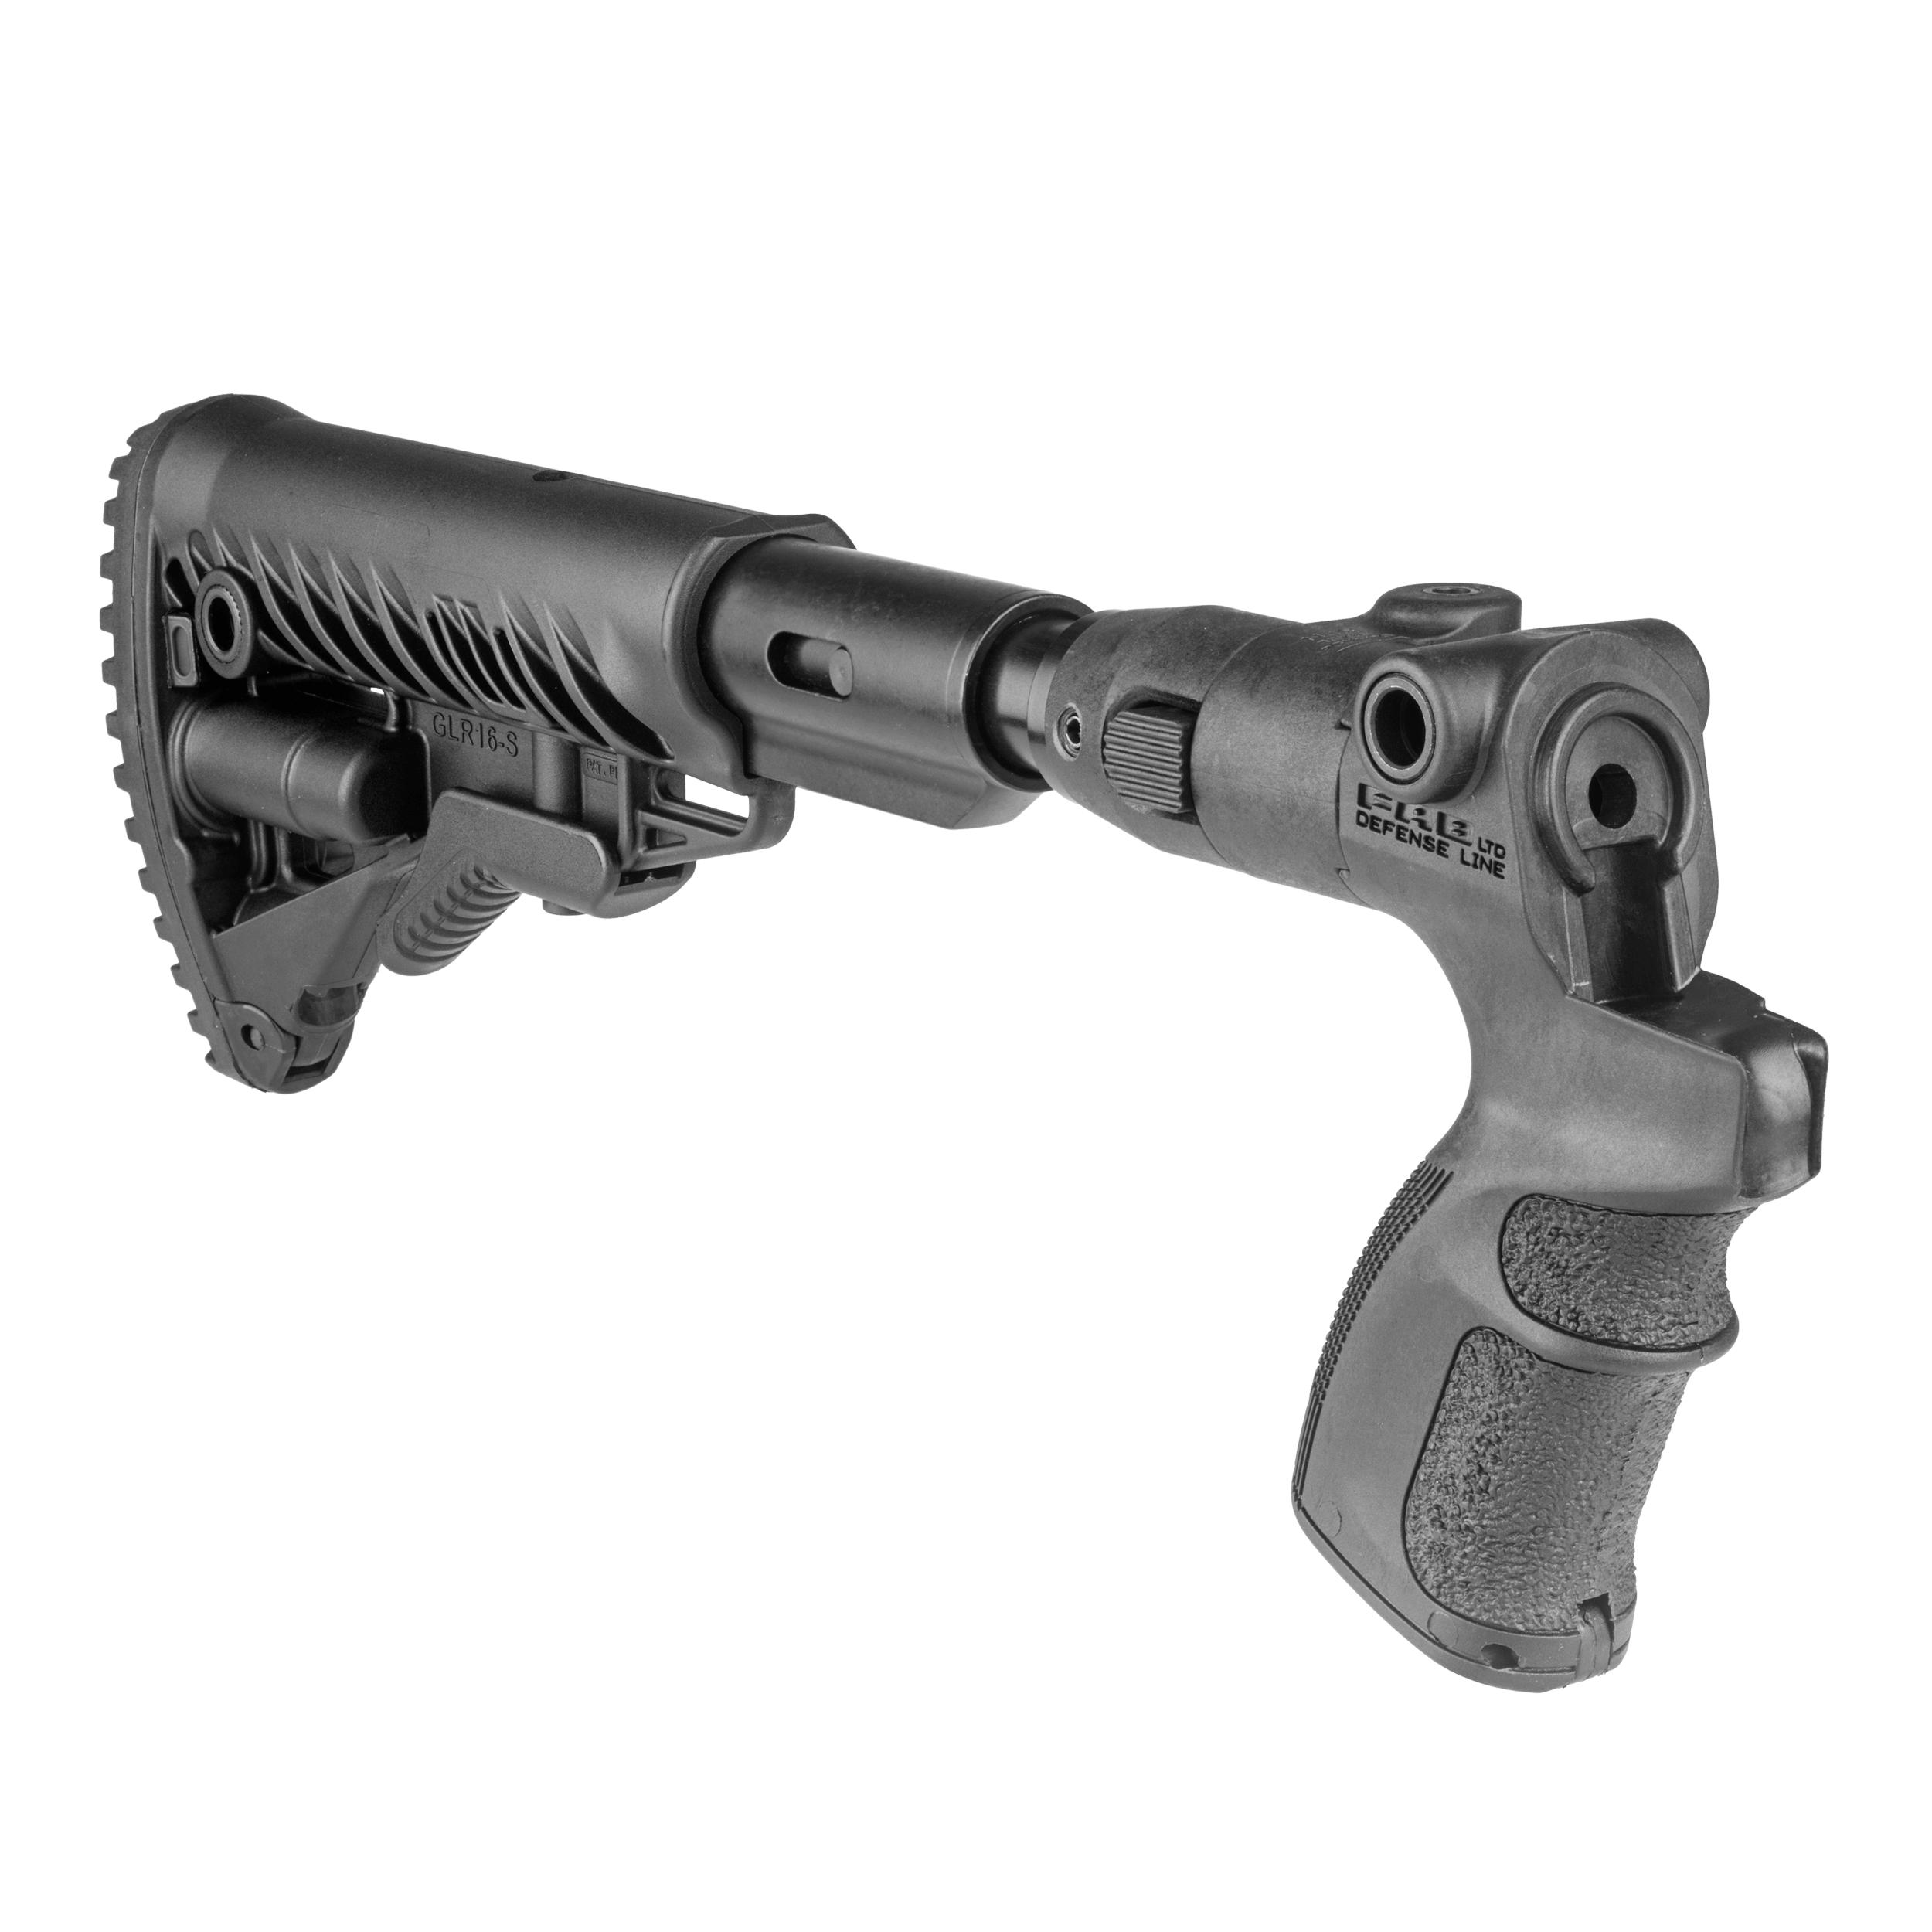 Mossberg 500 Folding Butt Stock / Pistol grip / Shock Absorber